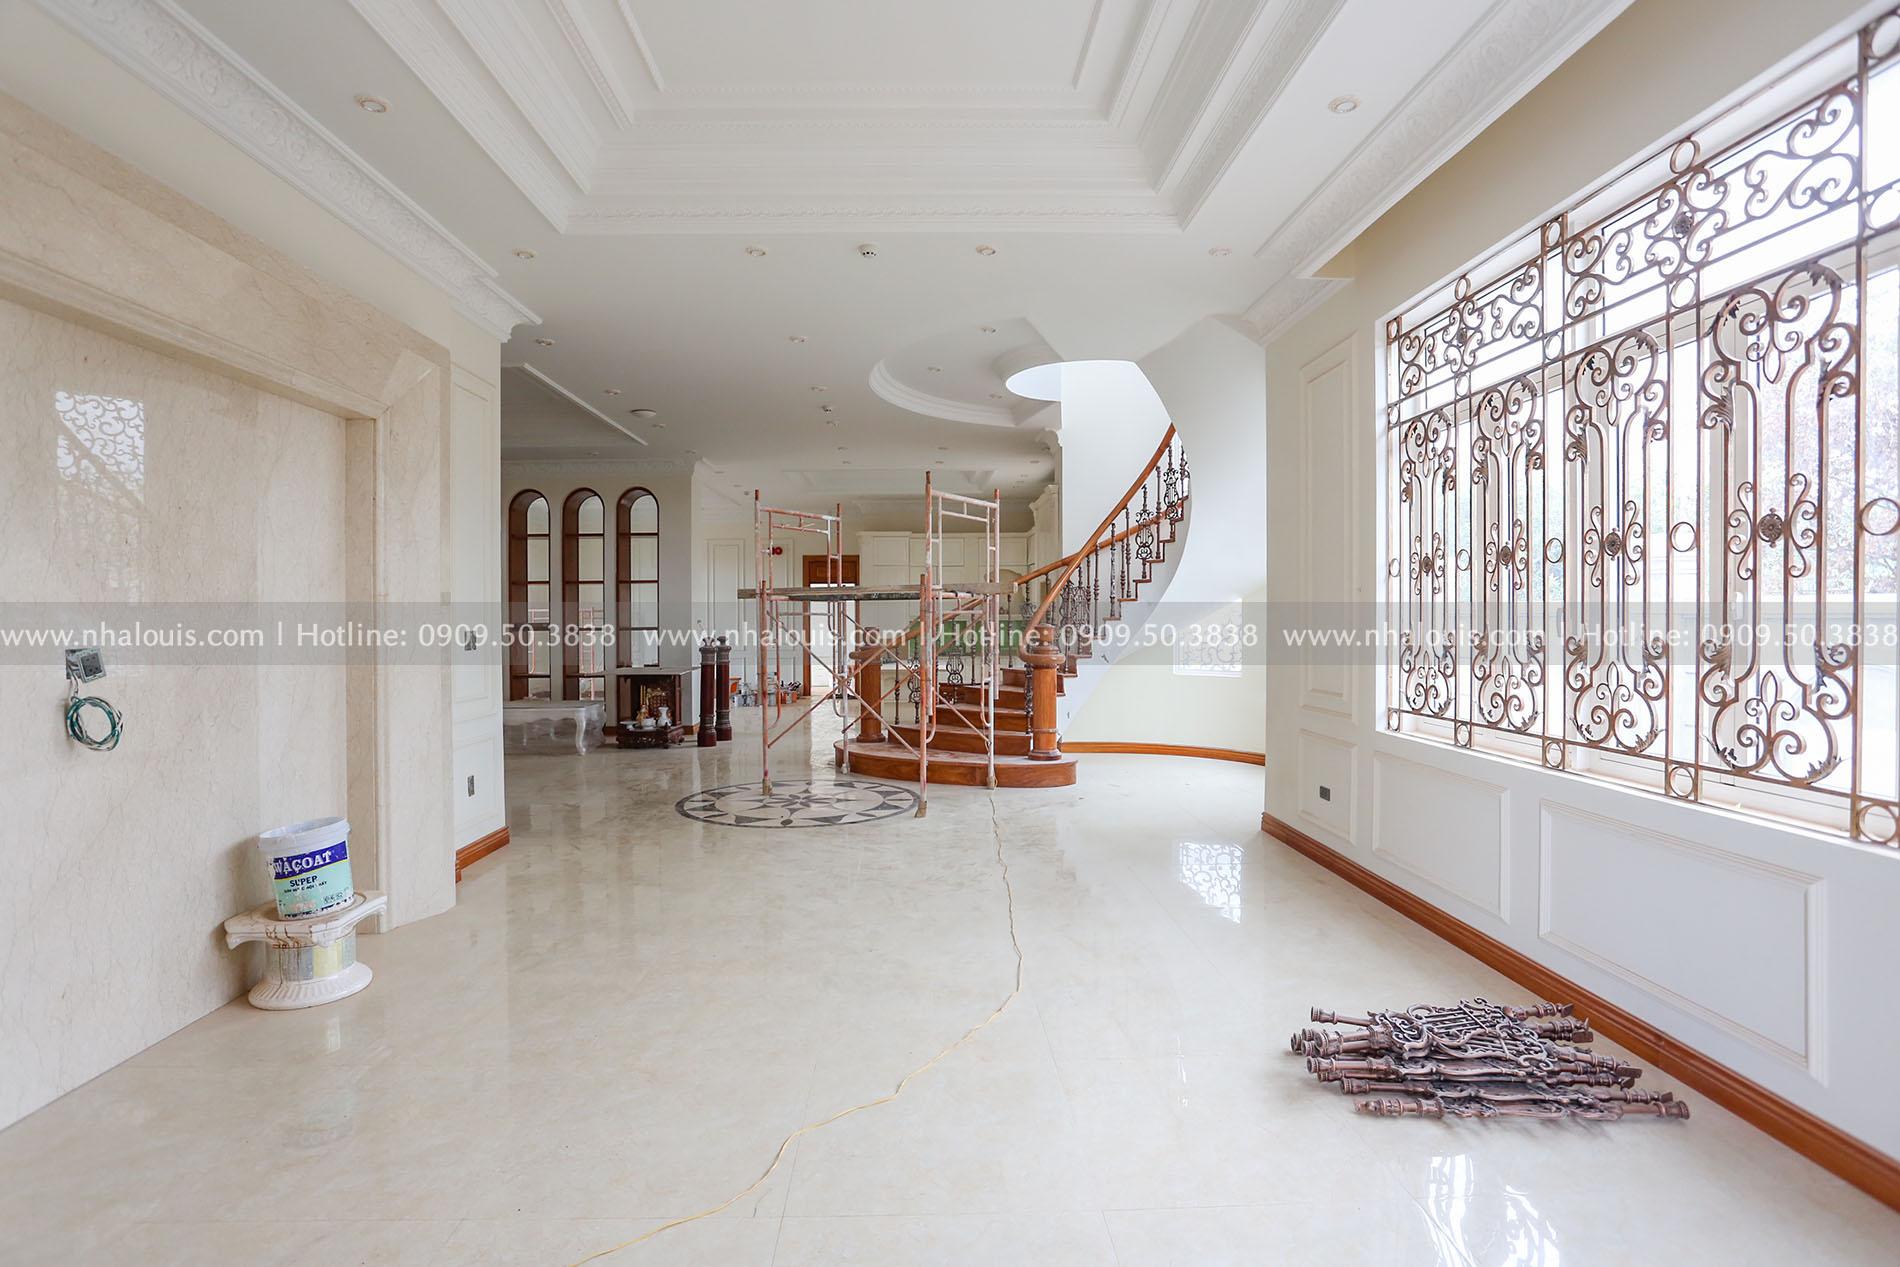 Thiết kế mẫu biệt thự tân cổ điển 3 tầng đậm chất Tây tại Vũng Tàu